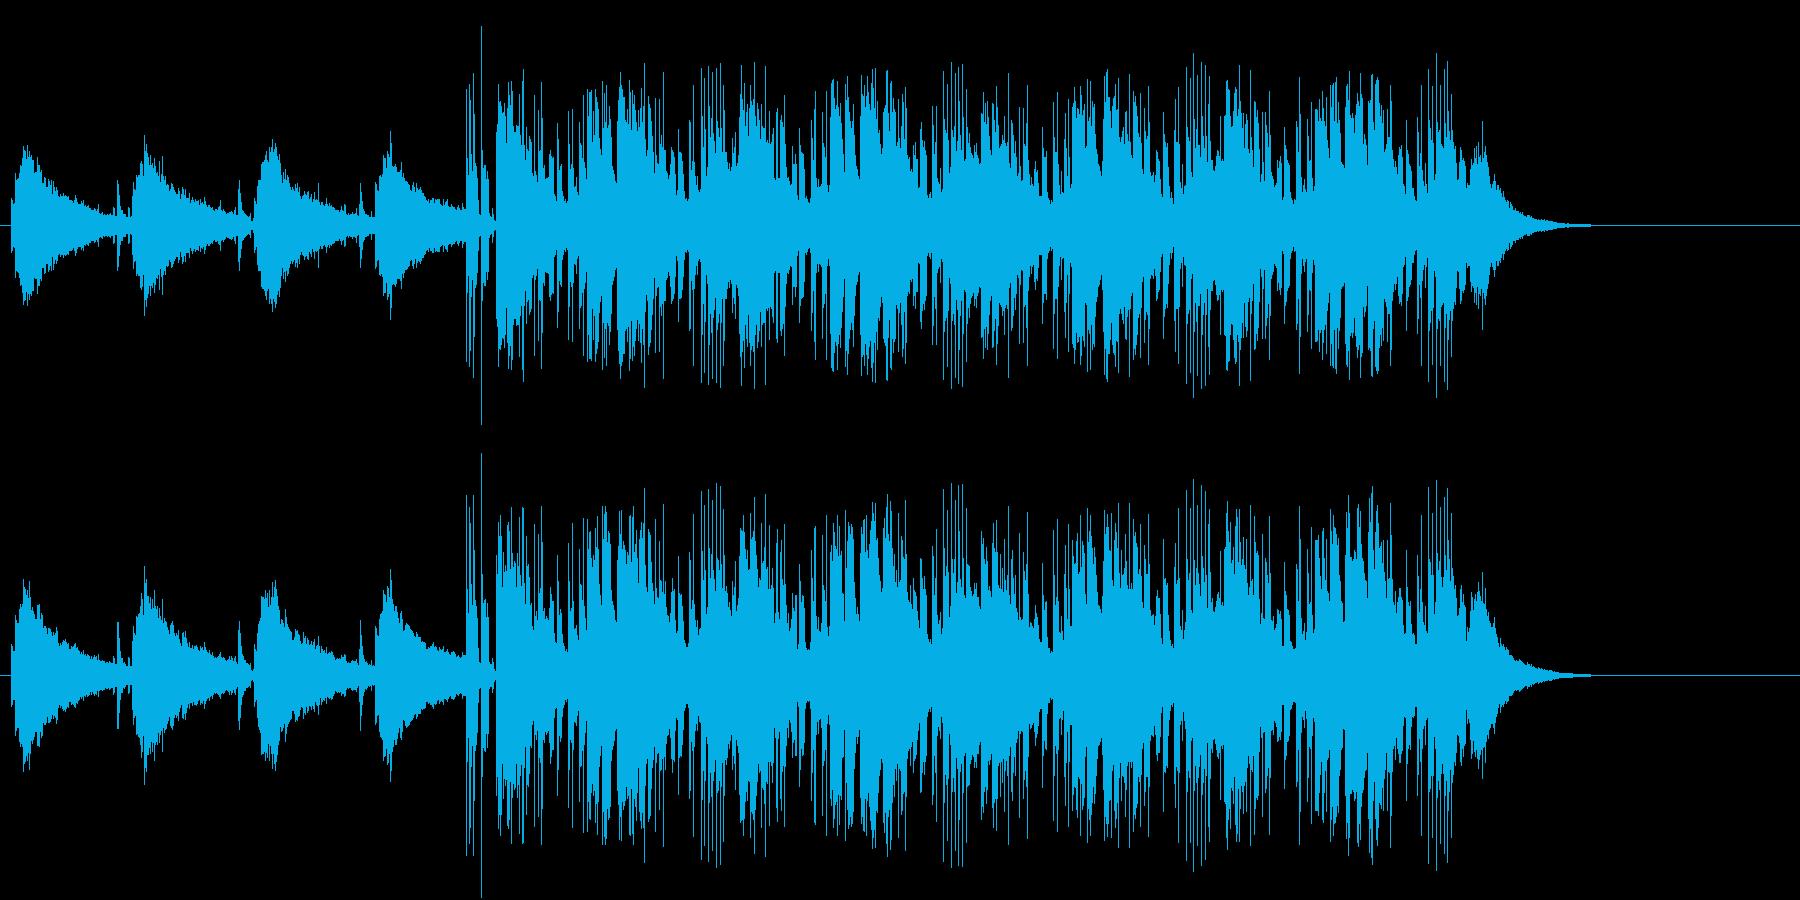 追跡感のあるマイナー・テーマ・ポップスの再生済みの波形